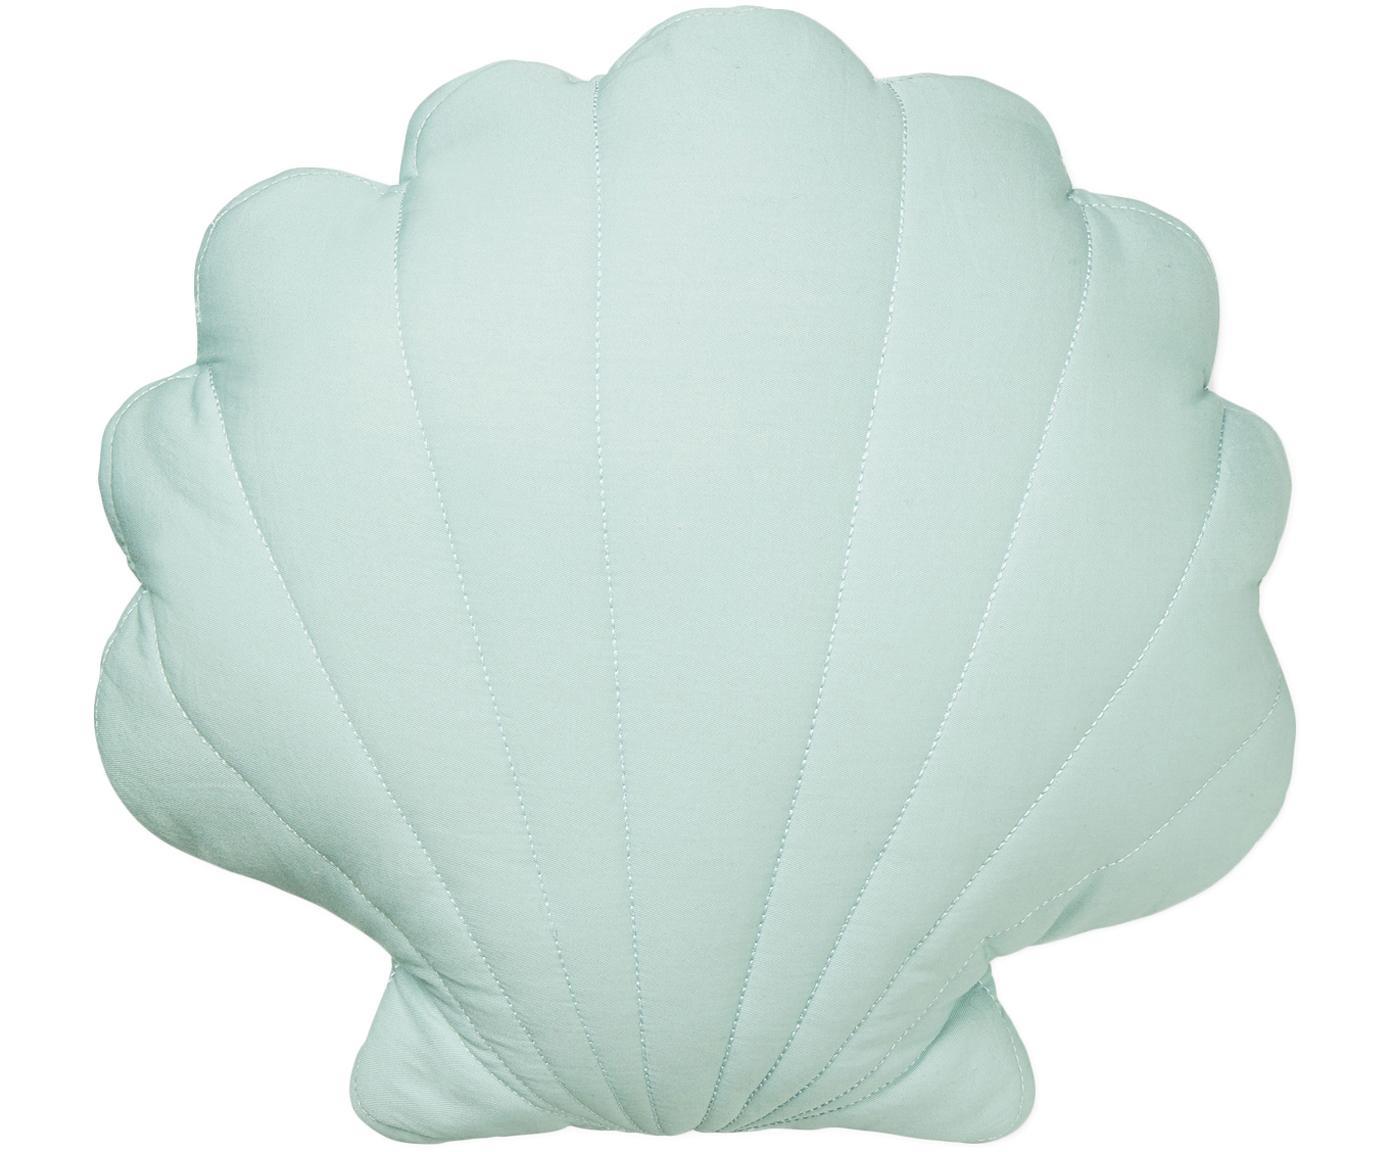 Kissen Sea Shell aus Bio-Baumwolle, mit Inlett, Bezug: Bio-Baumwolle, Öko-Tex- u, Mintgrün, 28 x 39 cm